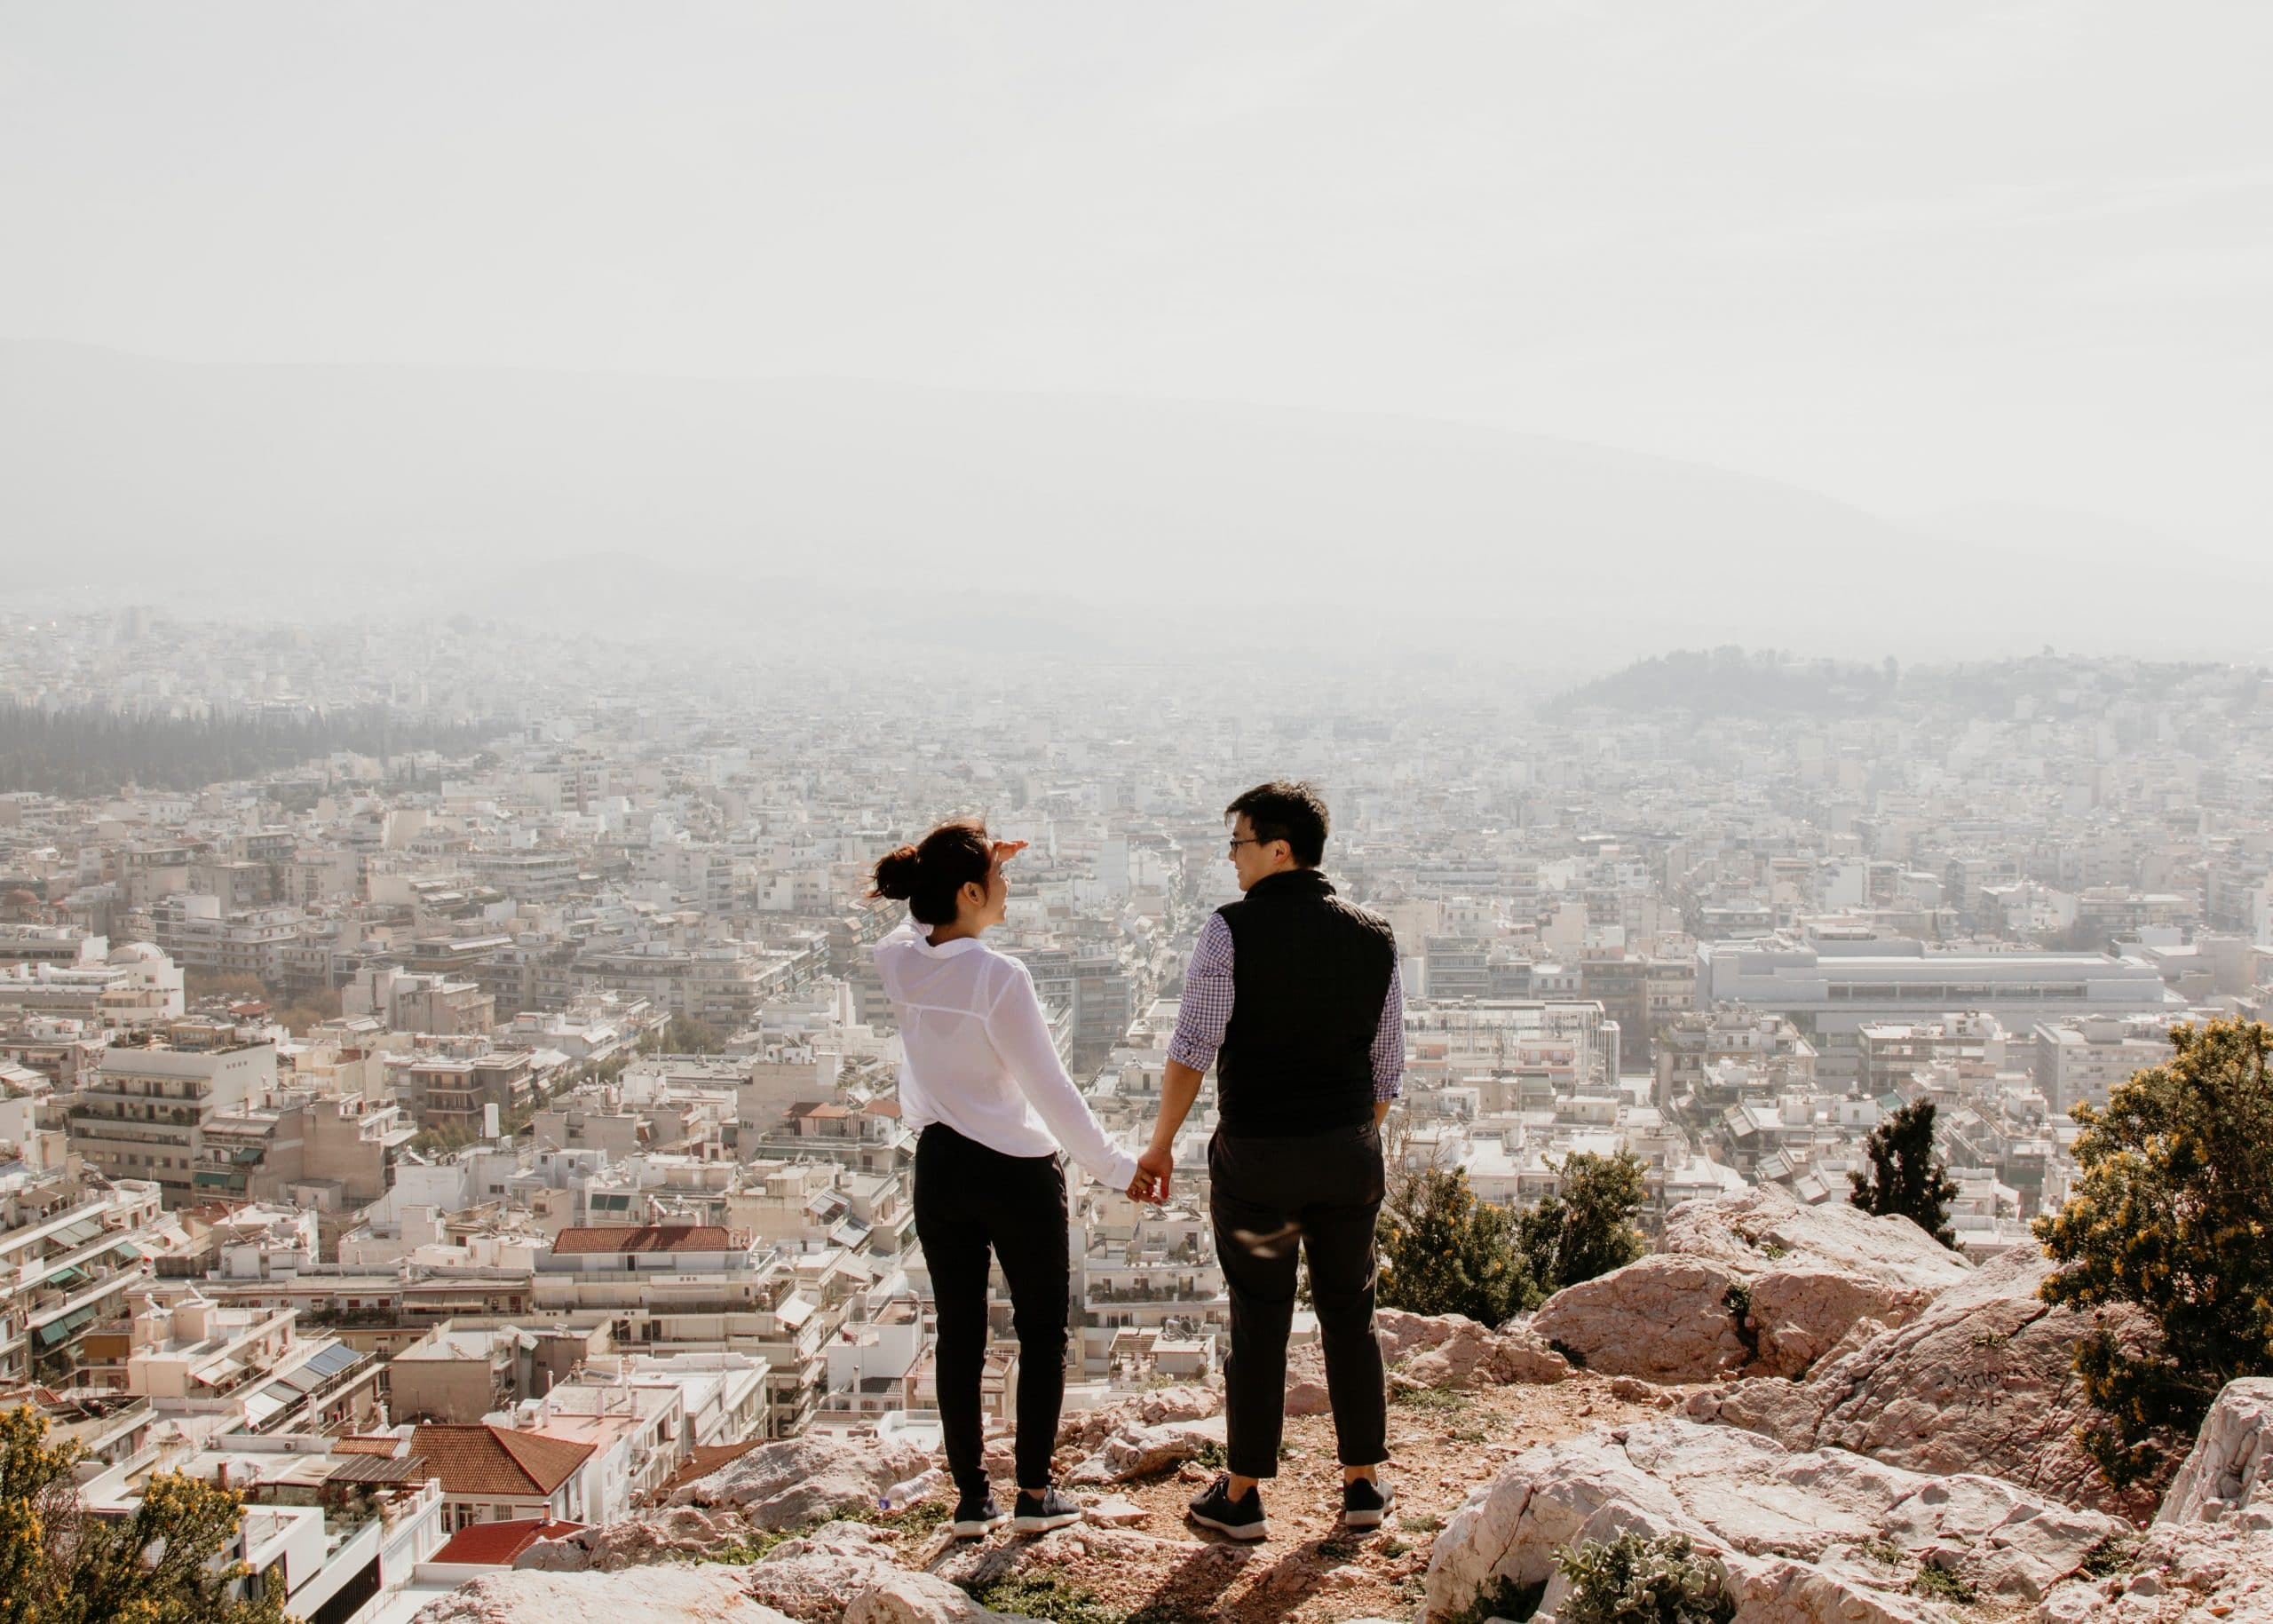 Pasangan Berpegangan Tangan Melihat Satu Sama Lain (clearsky)